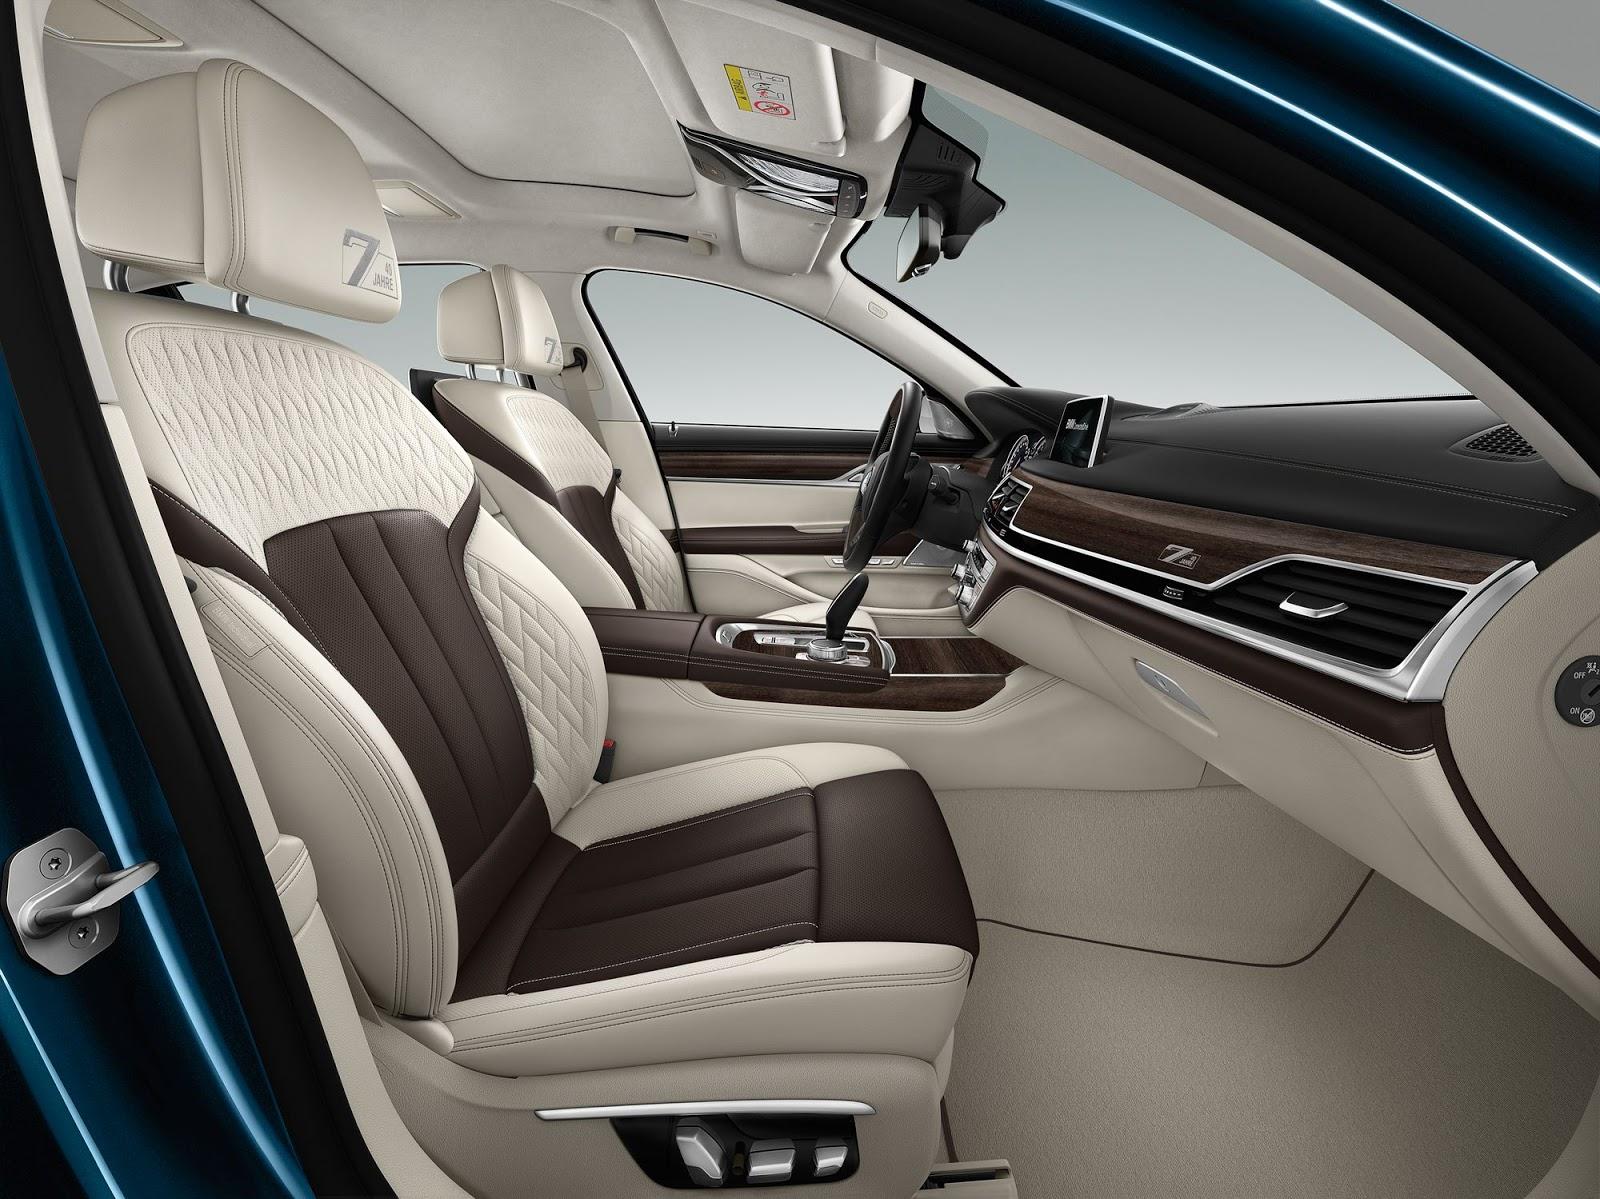 BMW-7-Series-40-Jahre-9